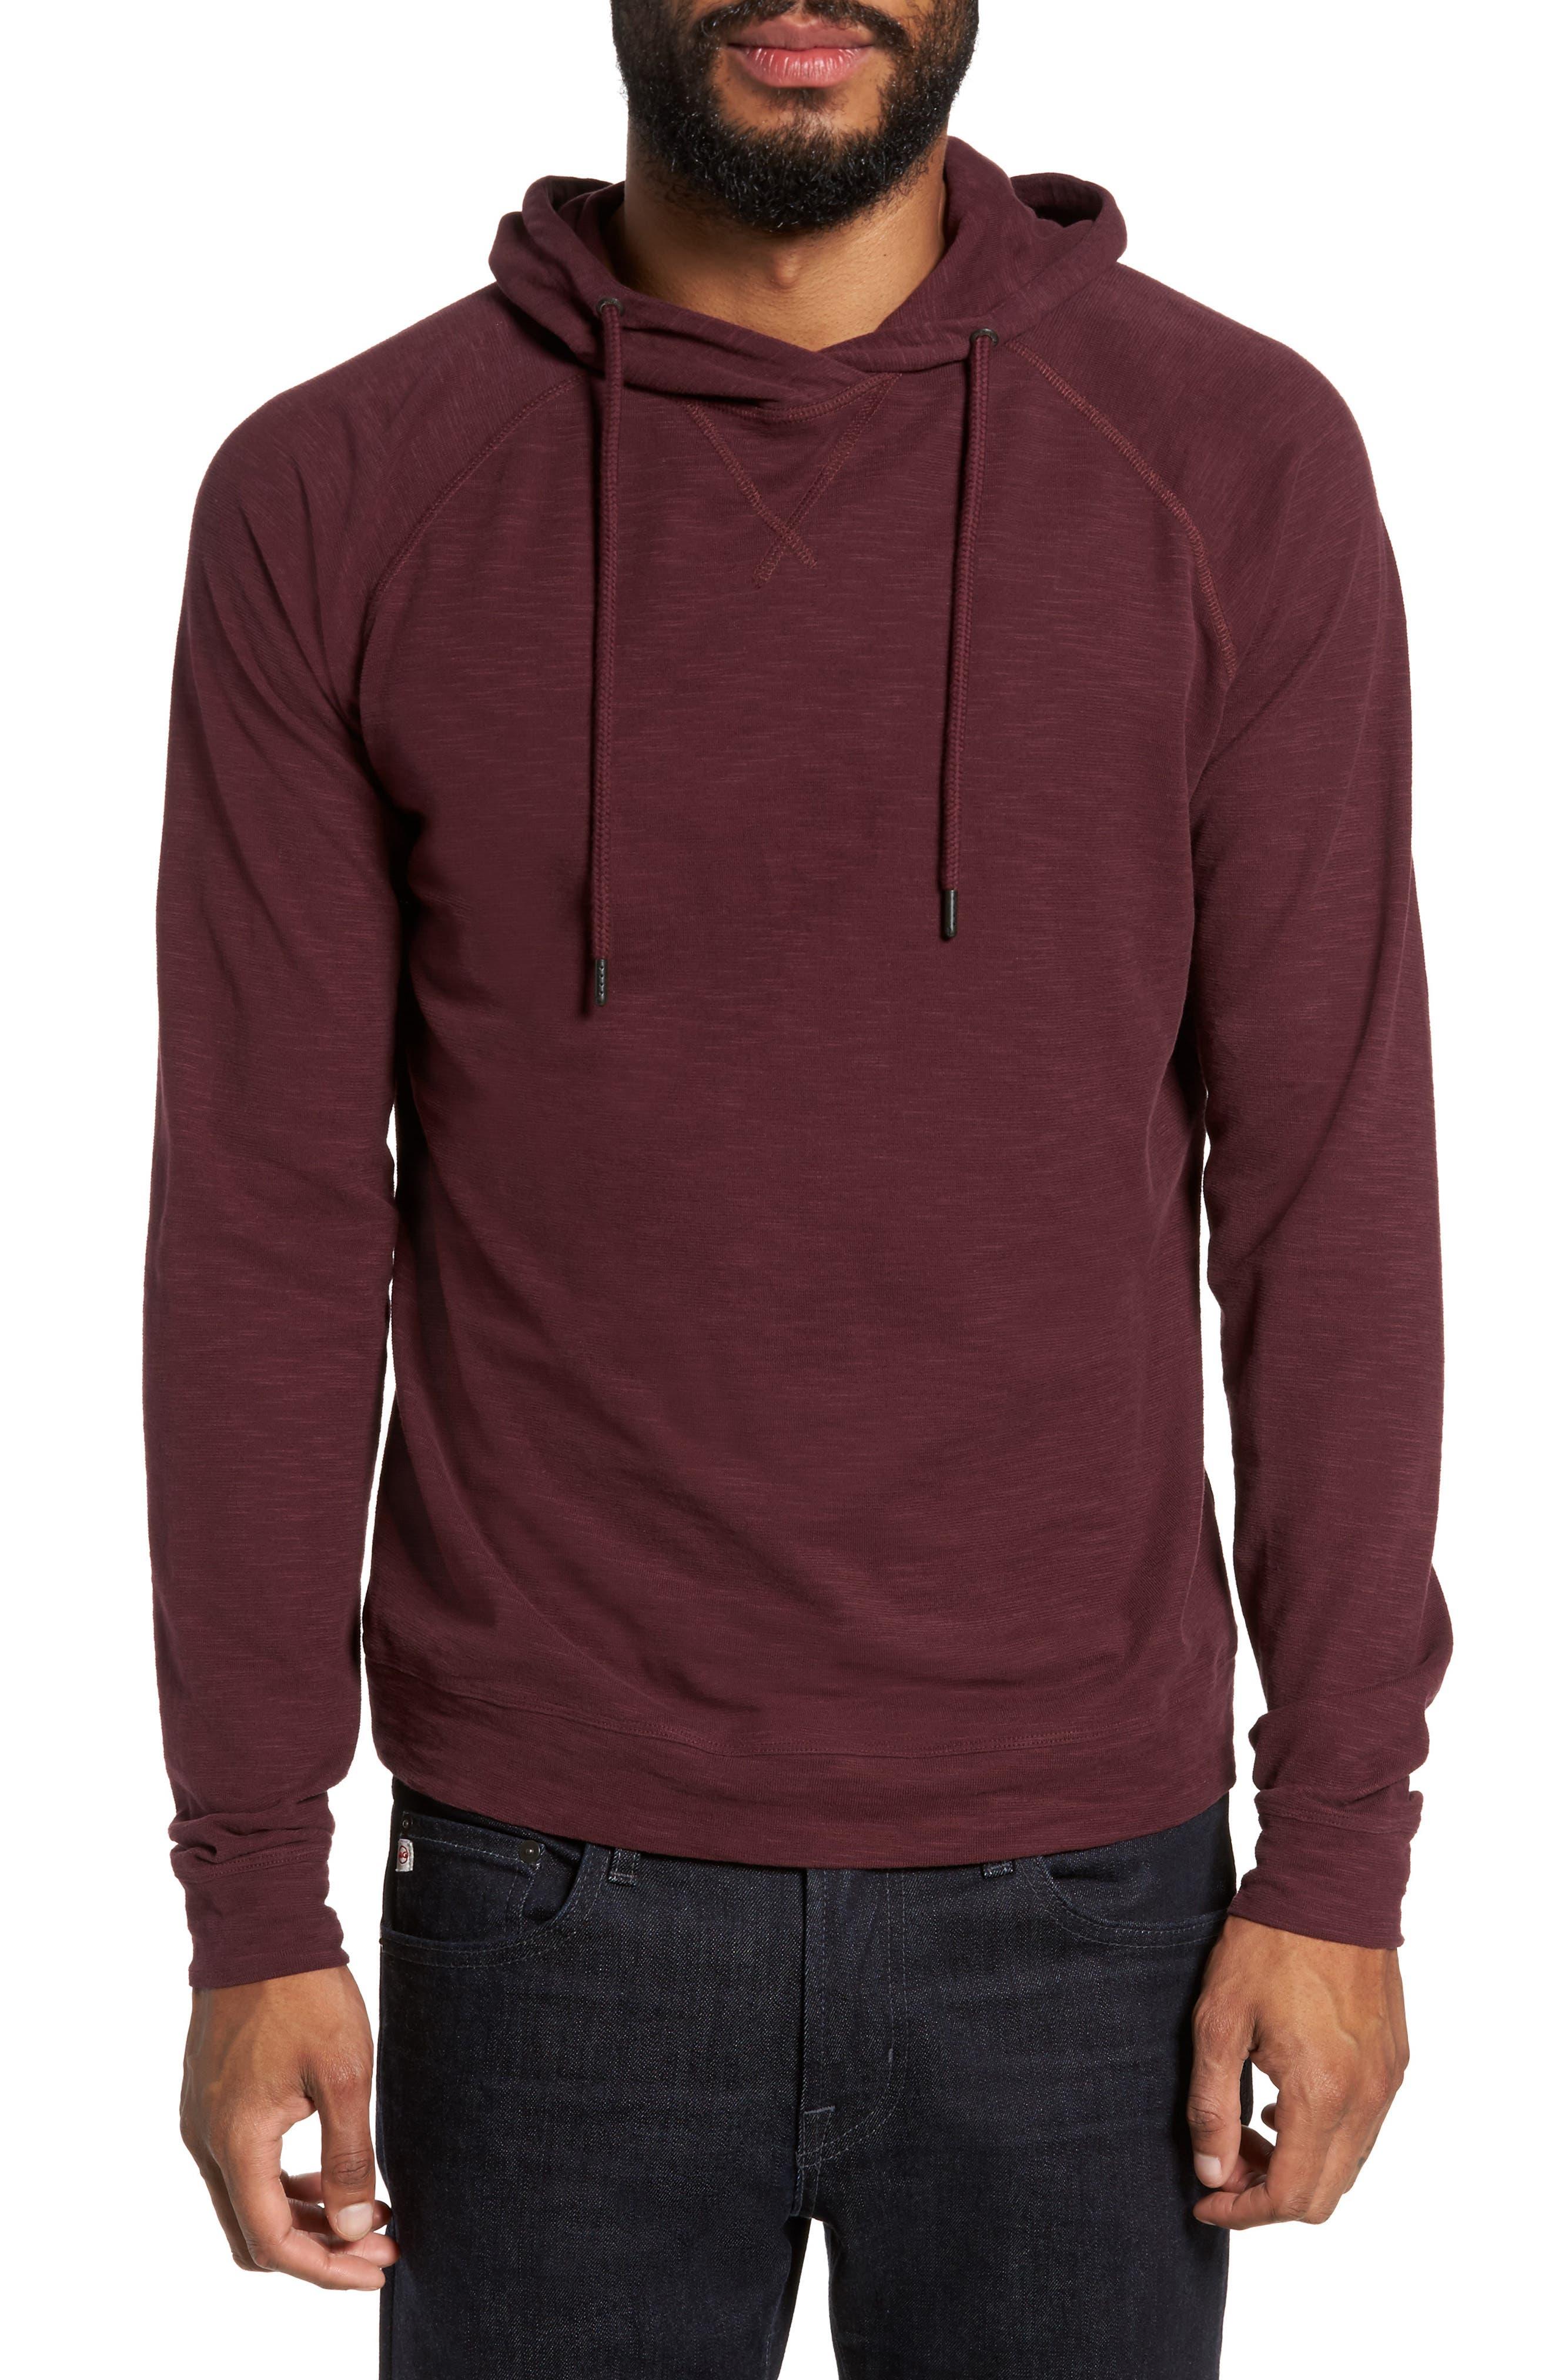 Alternate Image 1 Selected - Good Man Brand Slim Fit Pullover Hoodie